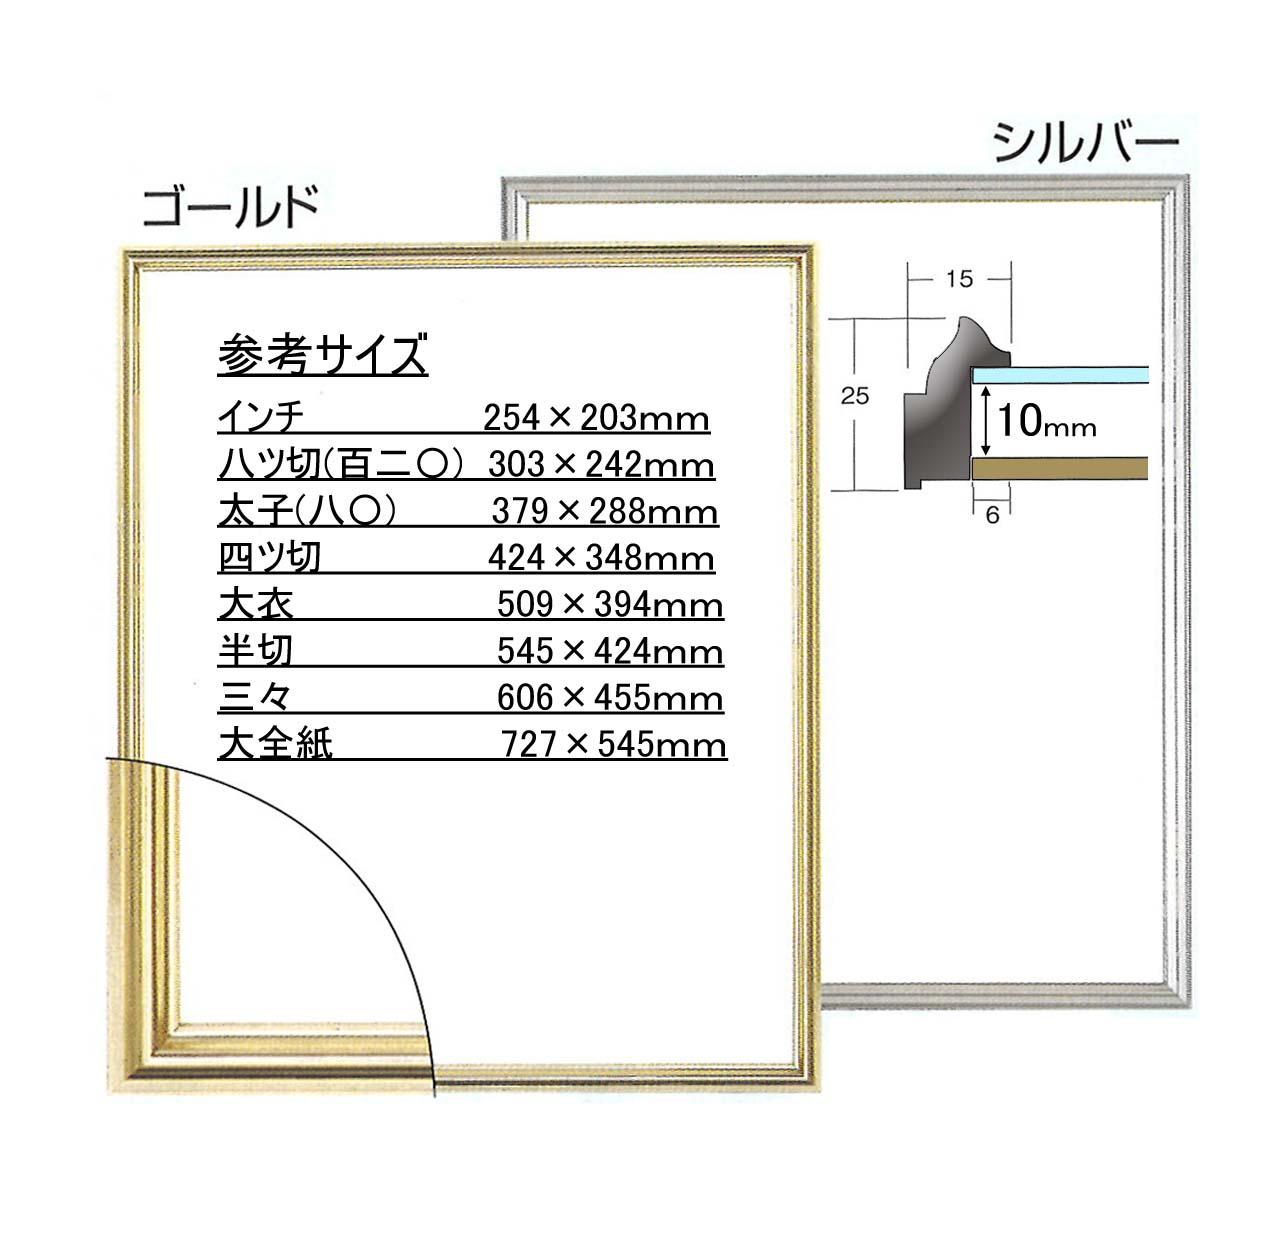 【額縁】5002アルミのデッサン額 半切サイズ(545×424mm)